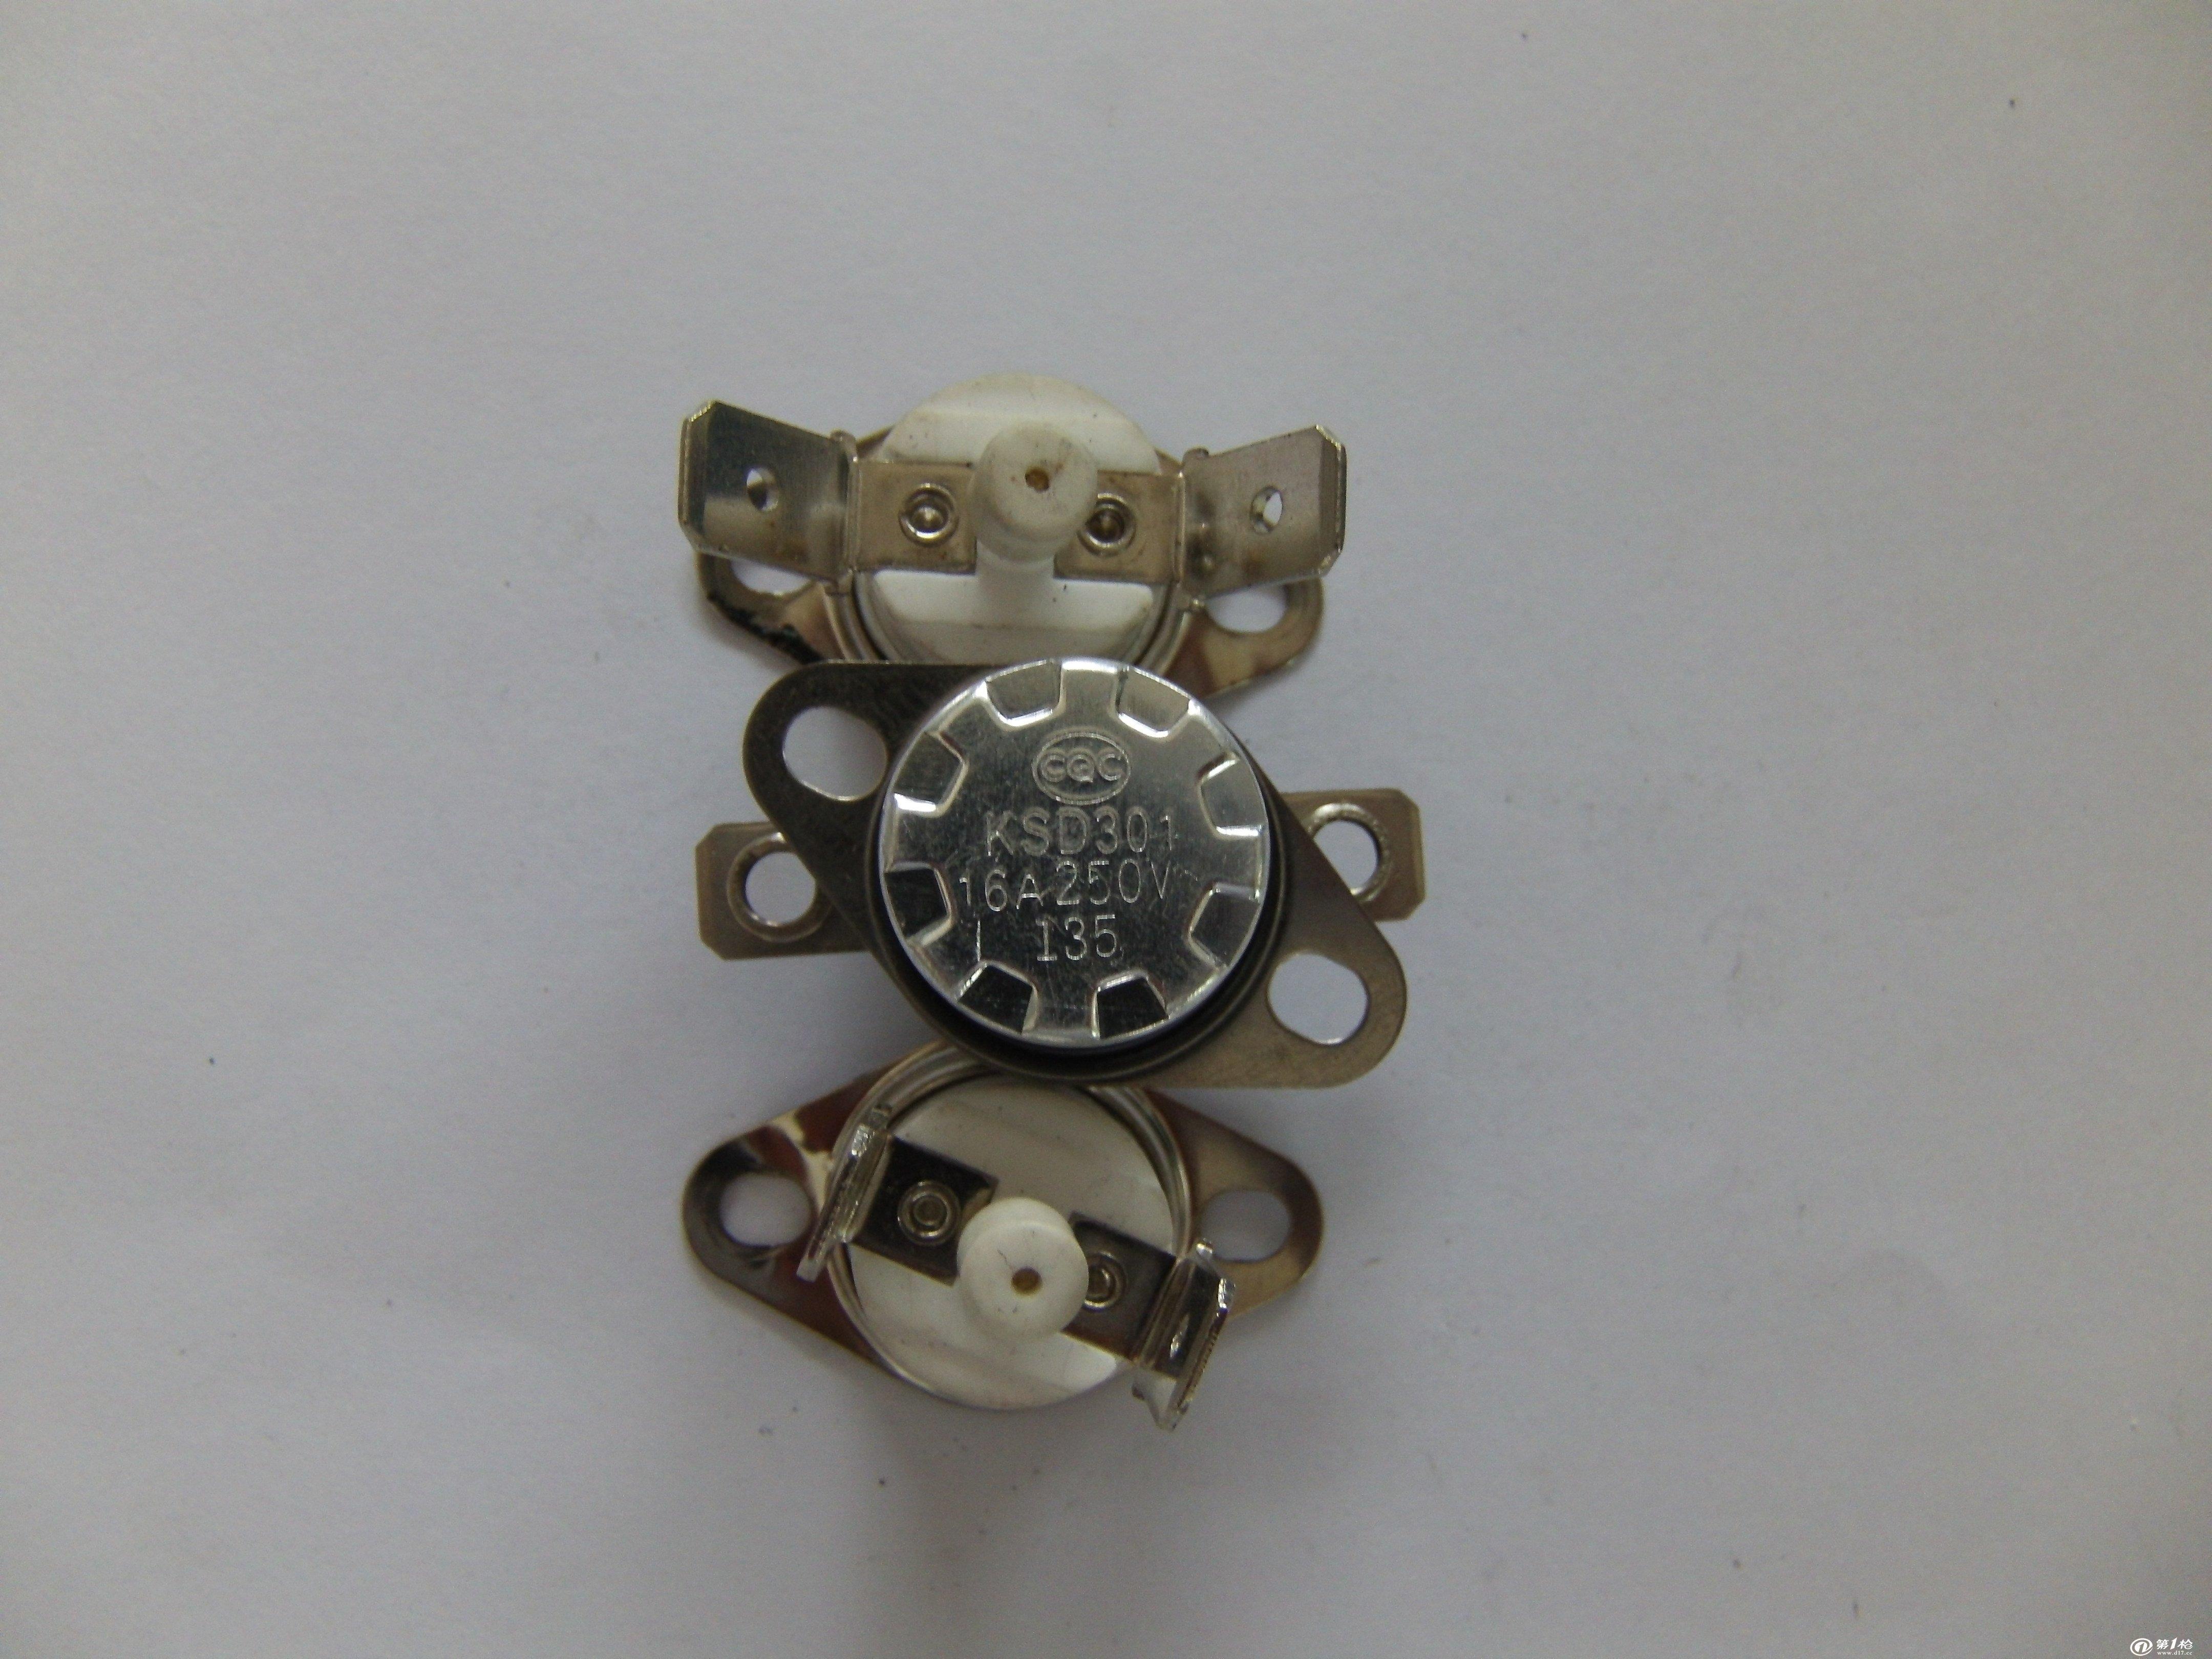 专业生产突跳式的温控器 KSD301,KSD302,KSD303,KSD304,KSD305,KSD306,,双金属片温控器是一种将定温后的双金属碟片作为热敏感反应元件,当温度增高时所产生的热量传递到双金属碟片上,达到预定温度值时迅速动作,通过机构的作用使触点断开或闭合,当温度下降到复位温度设定时,双金属碟片便迅速恢复,使触点闭合或断开,达到接通或断开电路的目的,从而控制电路。其主要特点有:工作温度固定、动作可靠干脆、不拉弧、使用寿命长、性能可靠,结构紧凑,功能齐全,价格低廉等。它主要应用于电路需随温度变